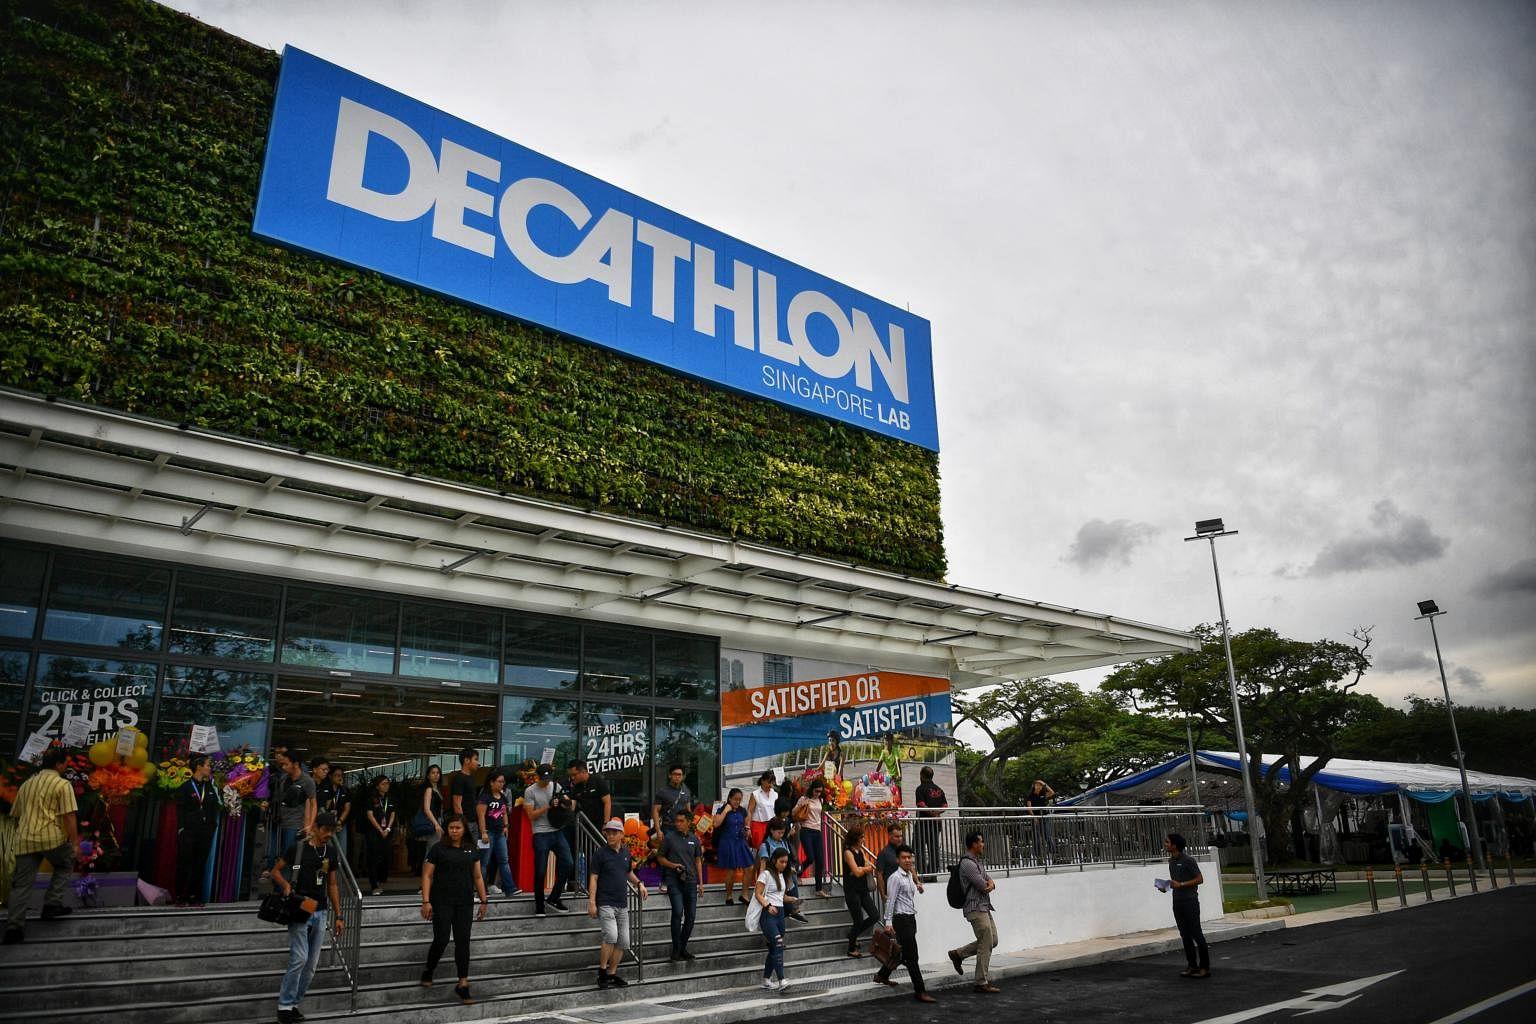 """Résultat de recherche d'images pour """"decathlon singapore lab"""""""